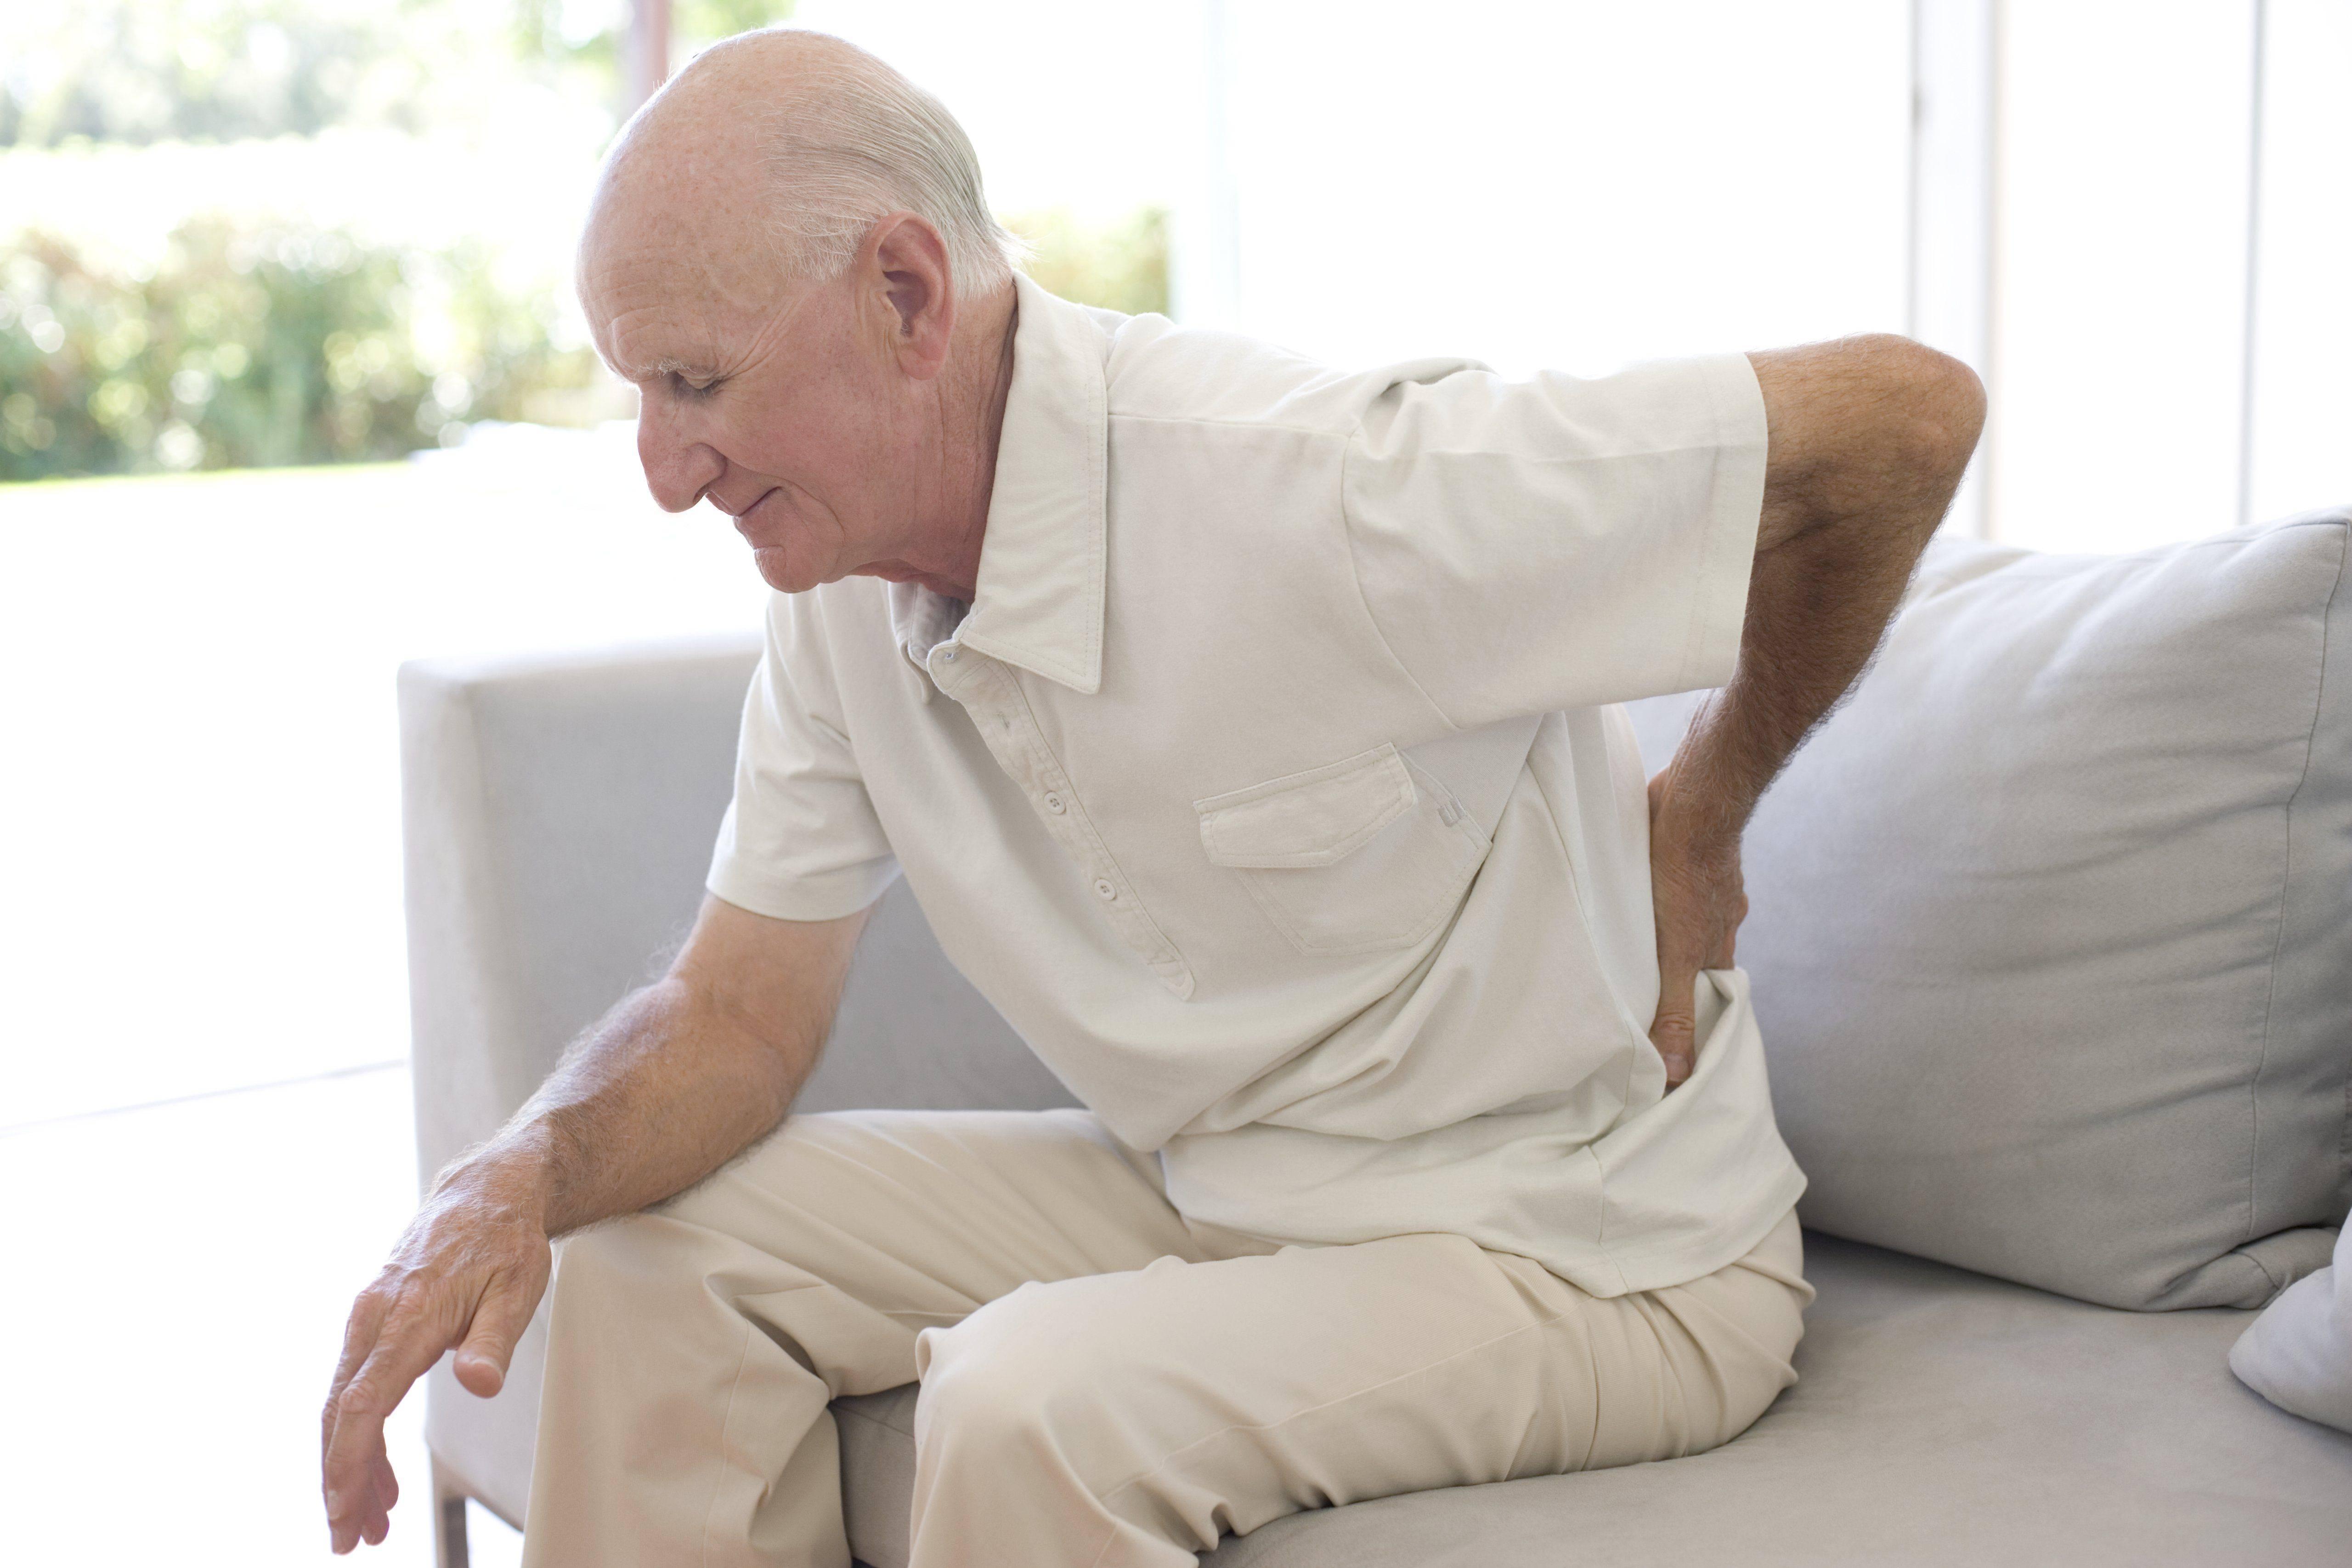 Боли в суставах от простатита можно при простатите есть сало при